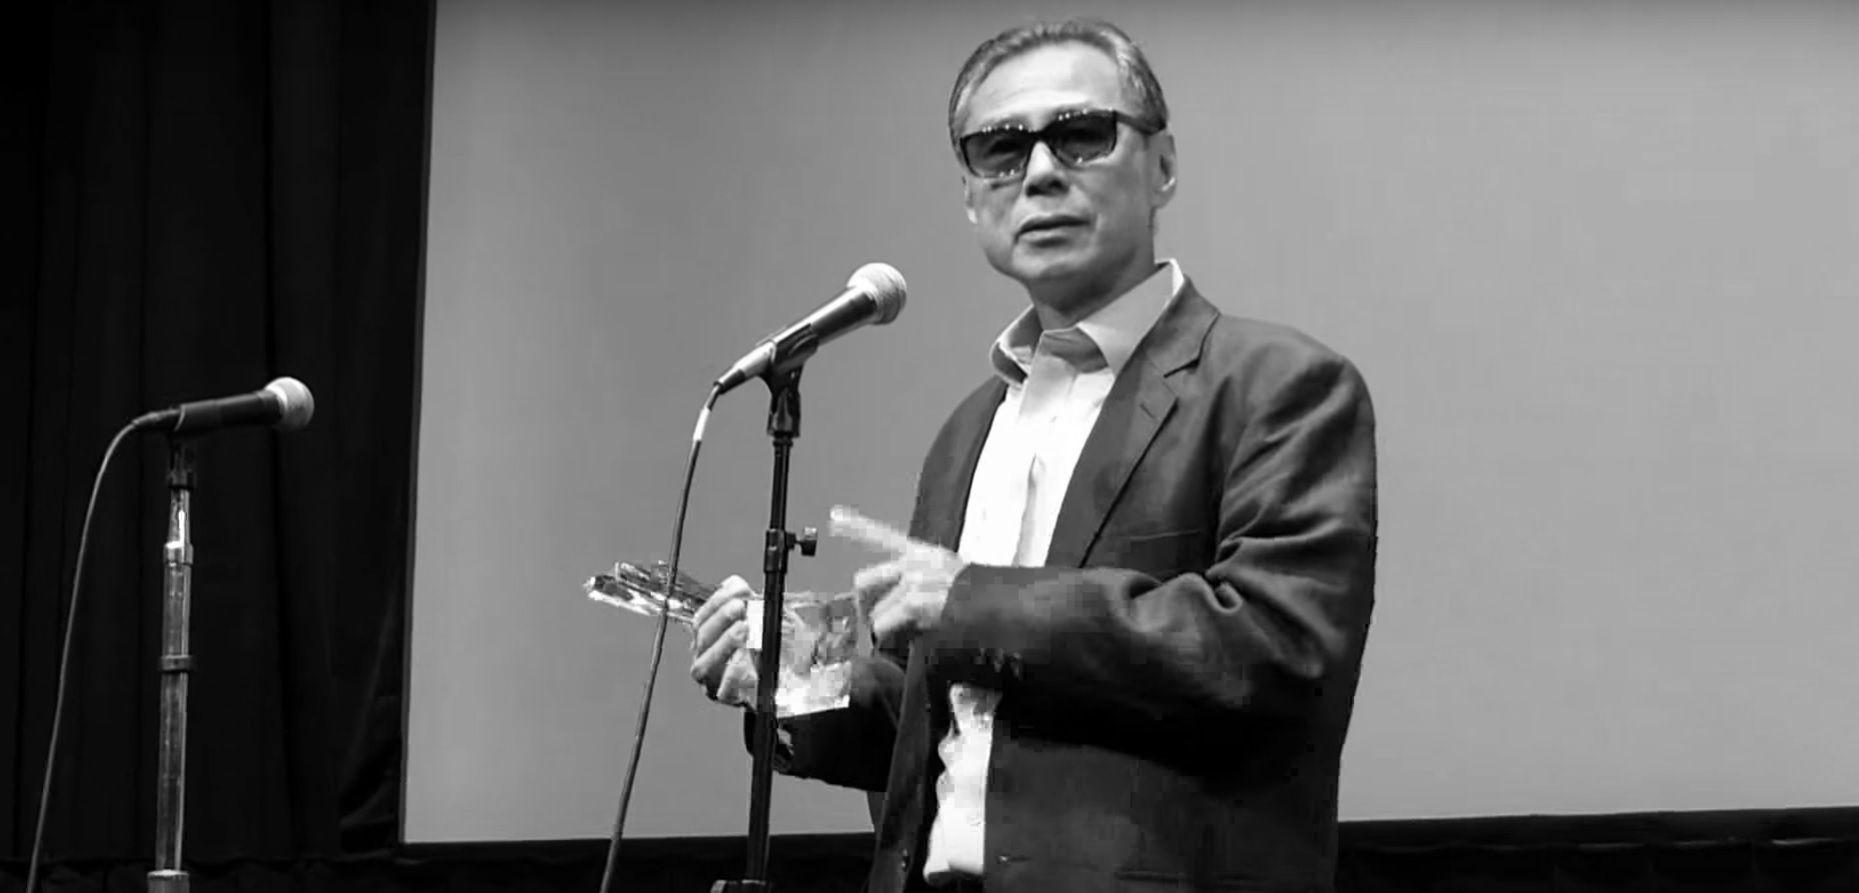 Ringo Lam nie żyje. Słynny reżyser kina akcji miał 63 lata